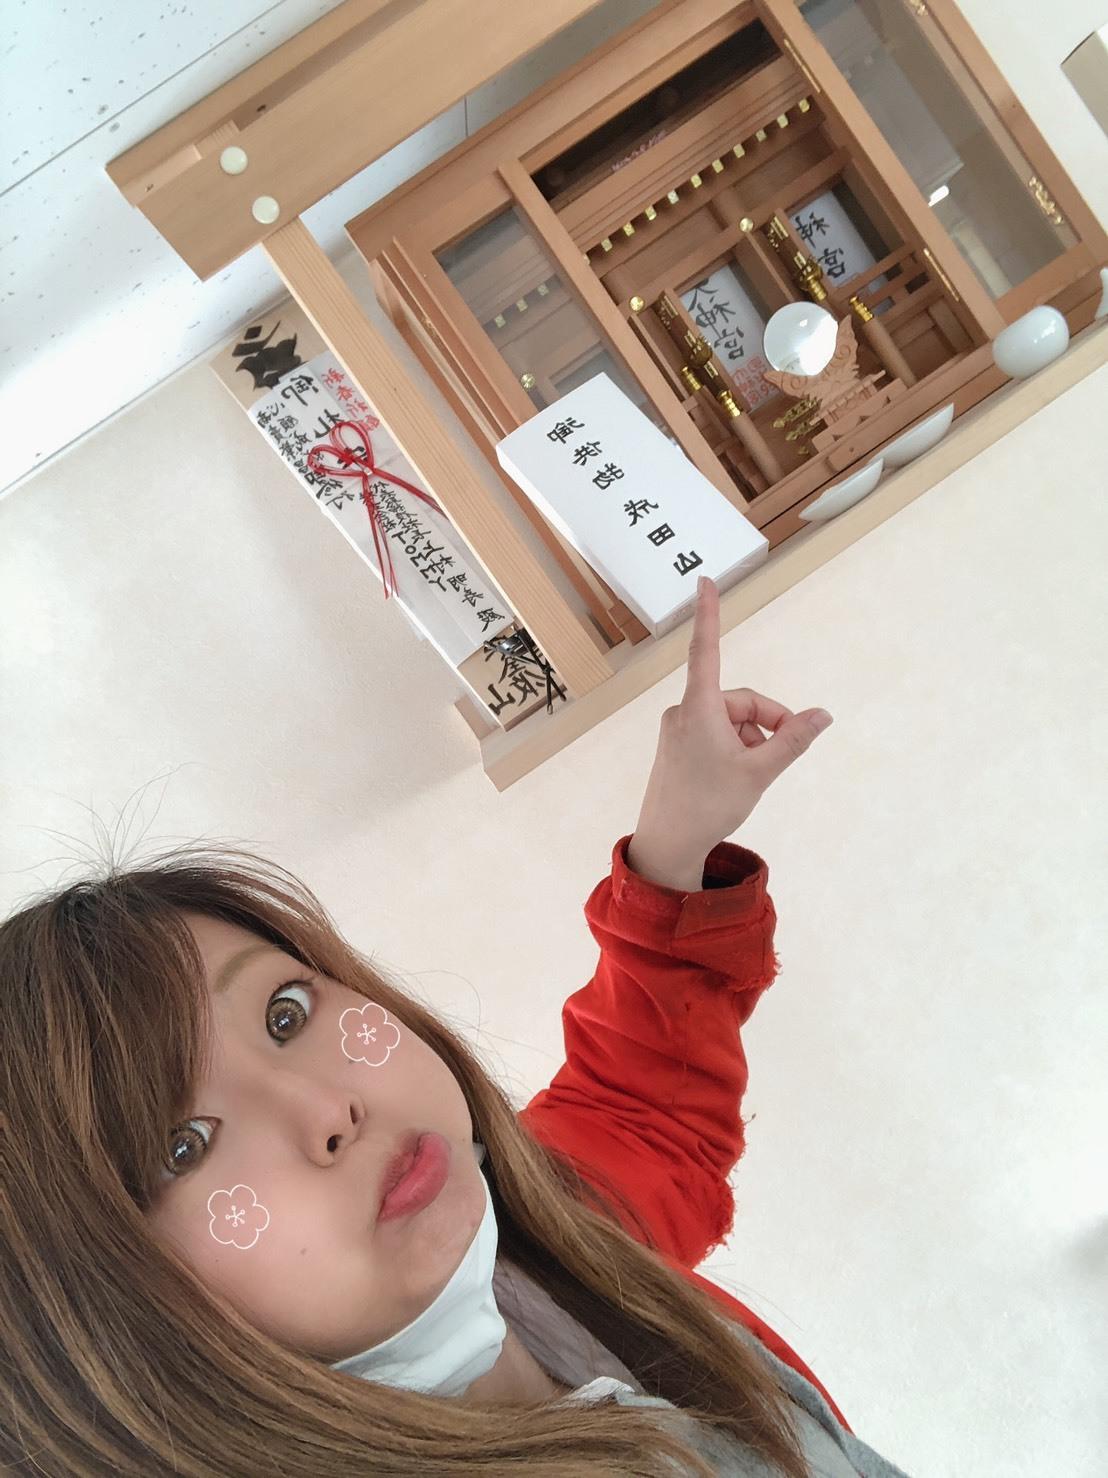 2月15日(土)T様タント納車✨ ランクル アルファード  ハマー TOMMY☆_b0127002_16231337.jpg